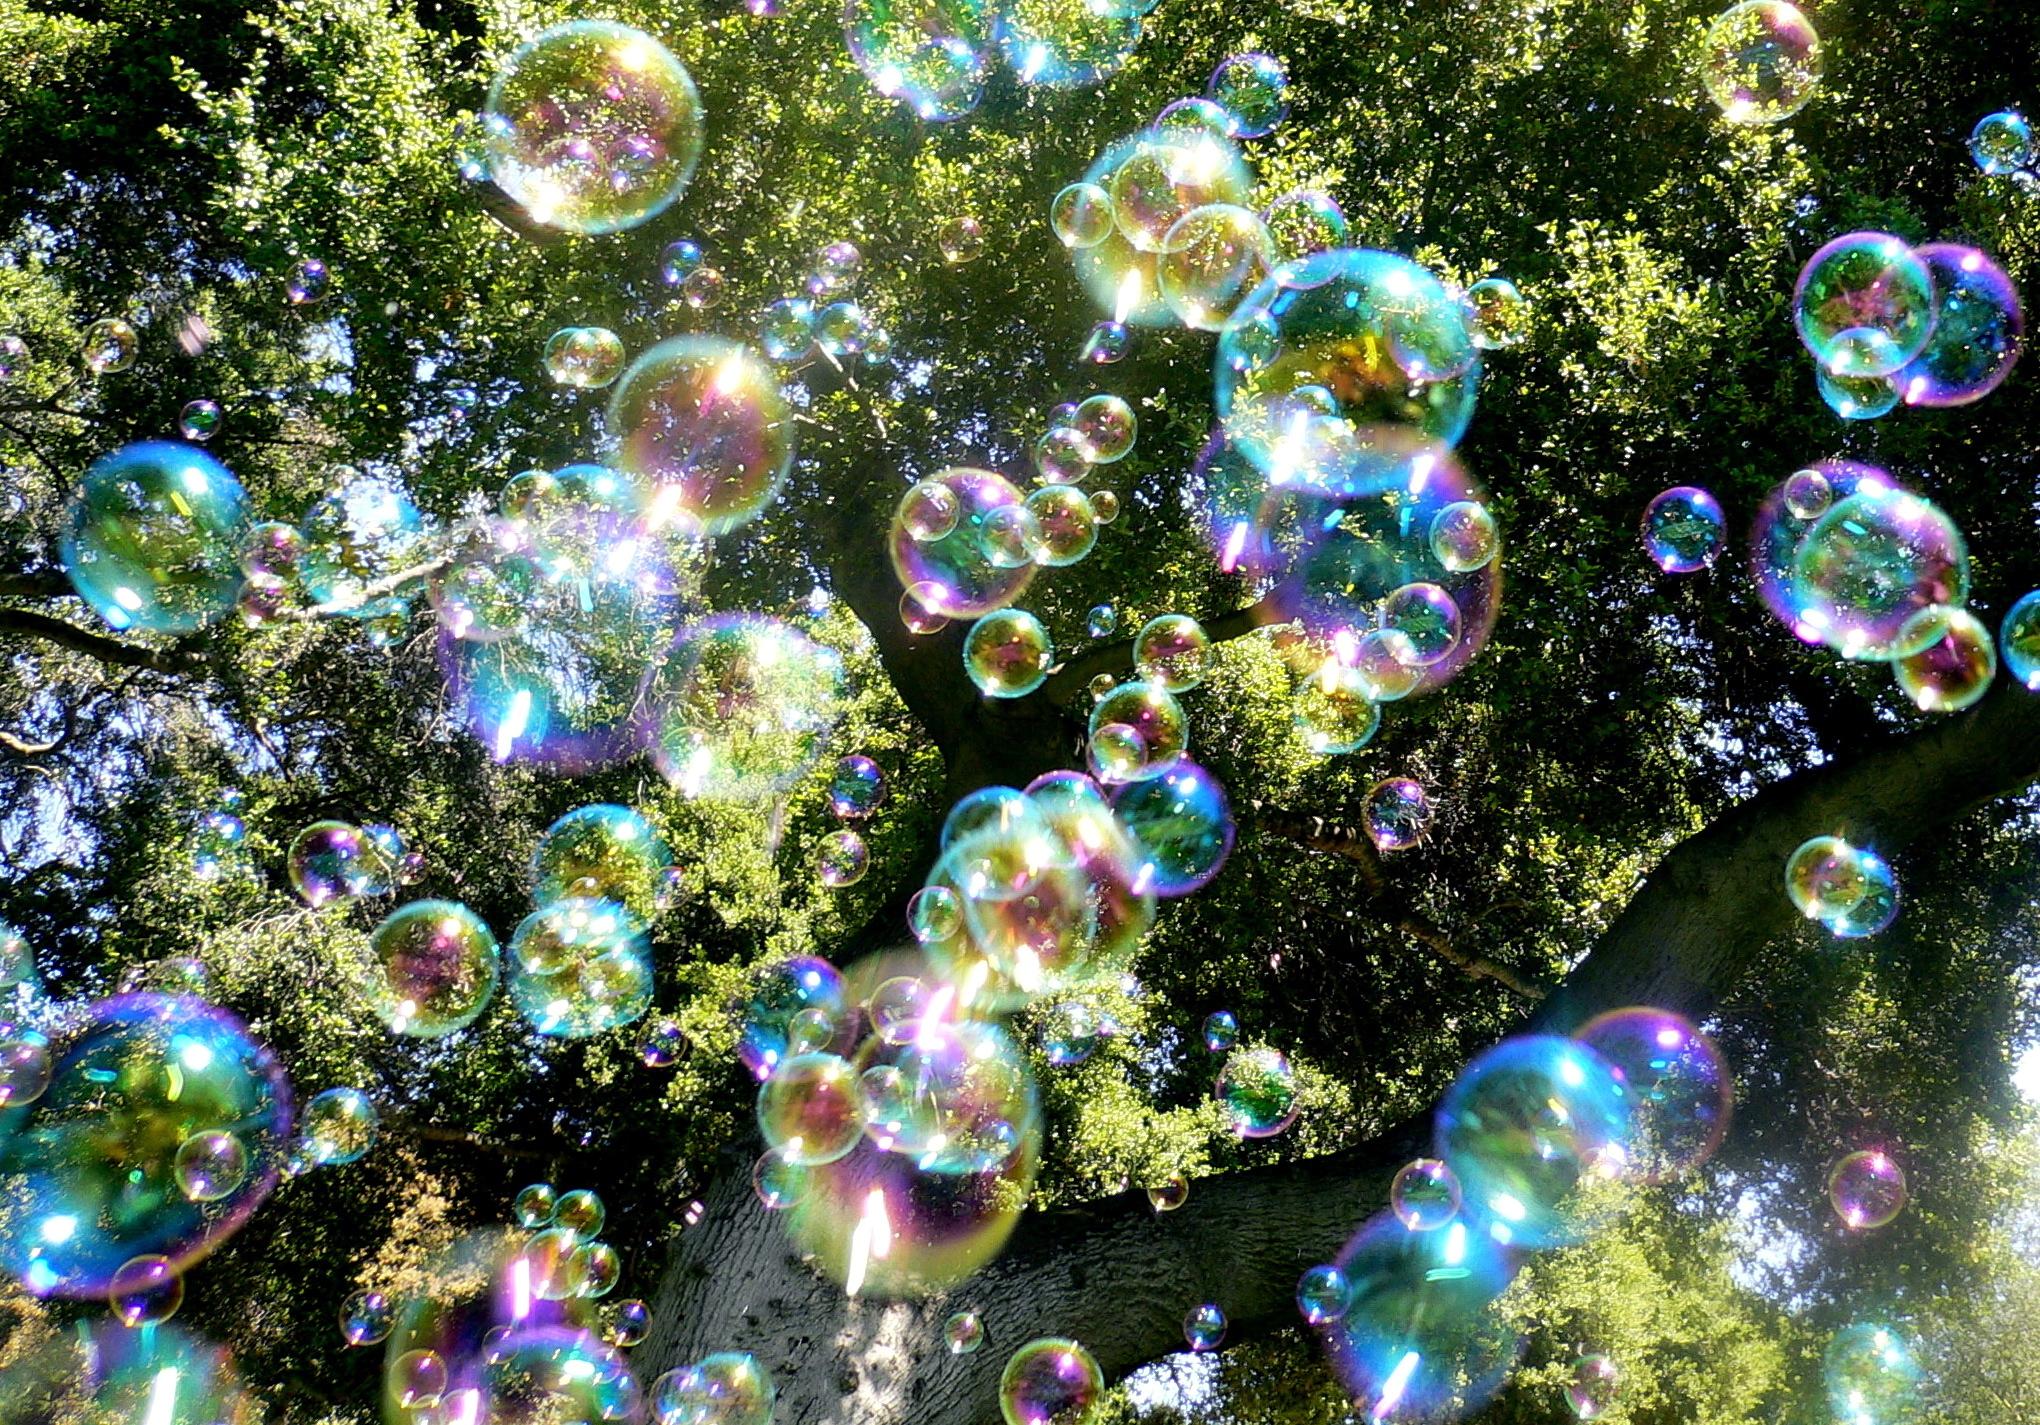 20962 скачать обои Растения, Фон, Деревья, Пузыри - заставки и картинки бесплатно